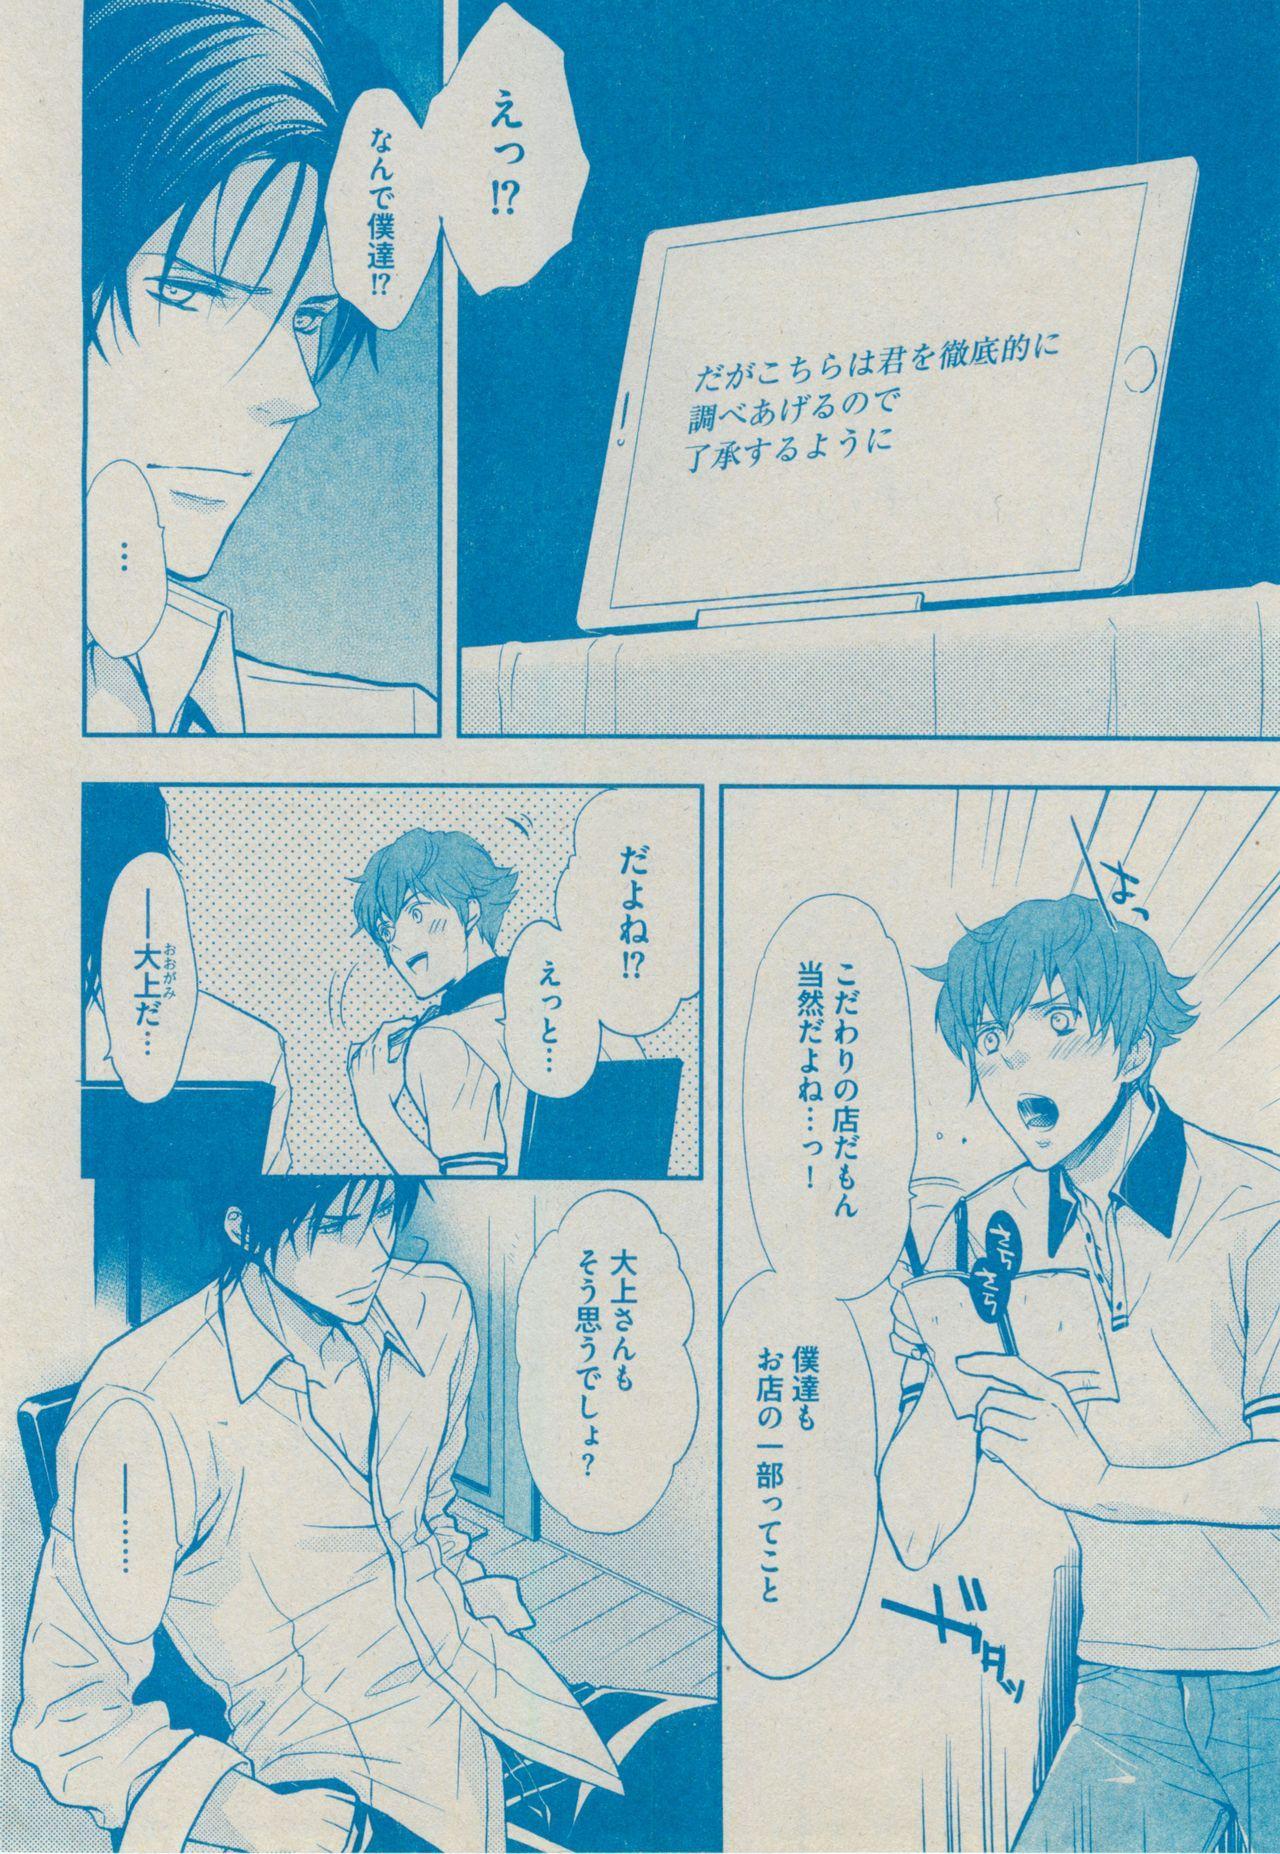 BOY'S ピアス 2014-09 143